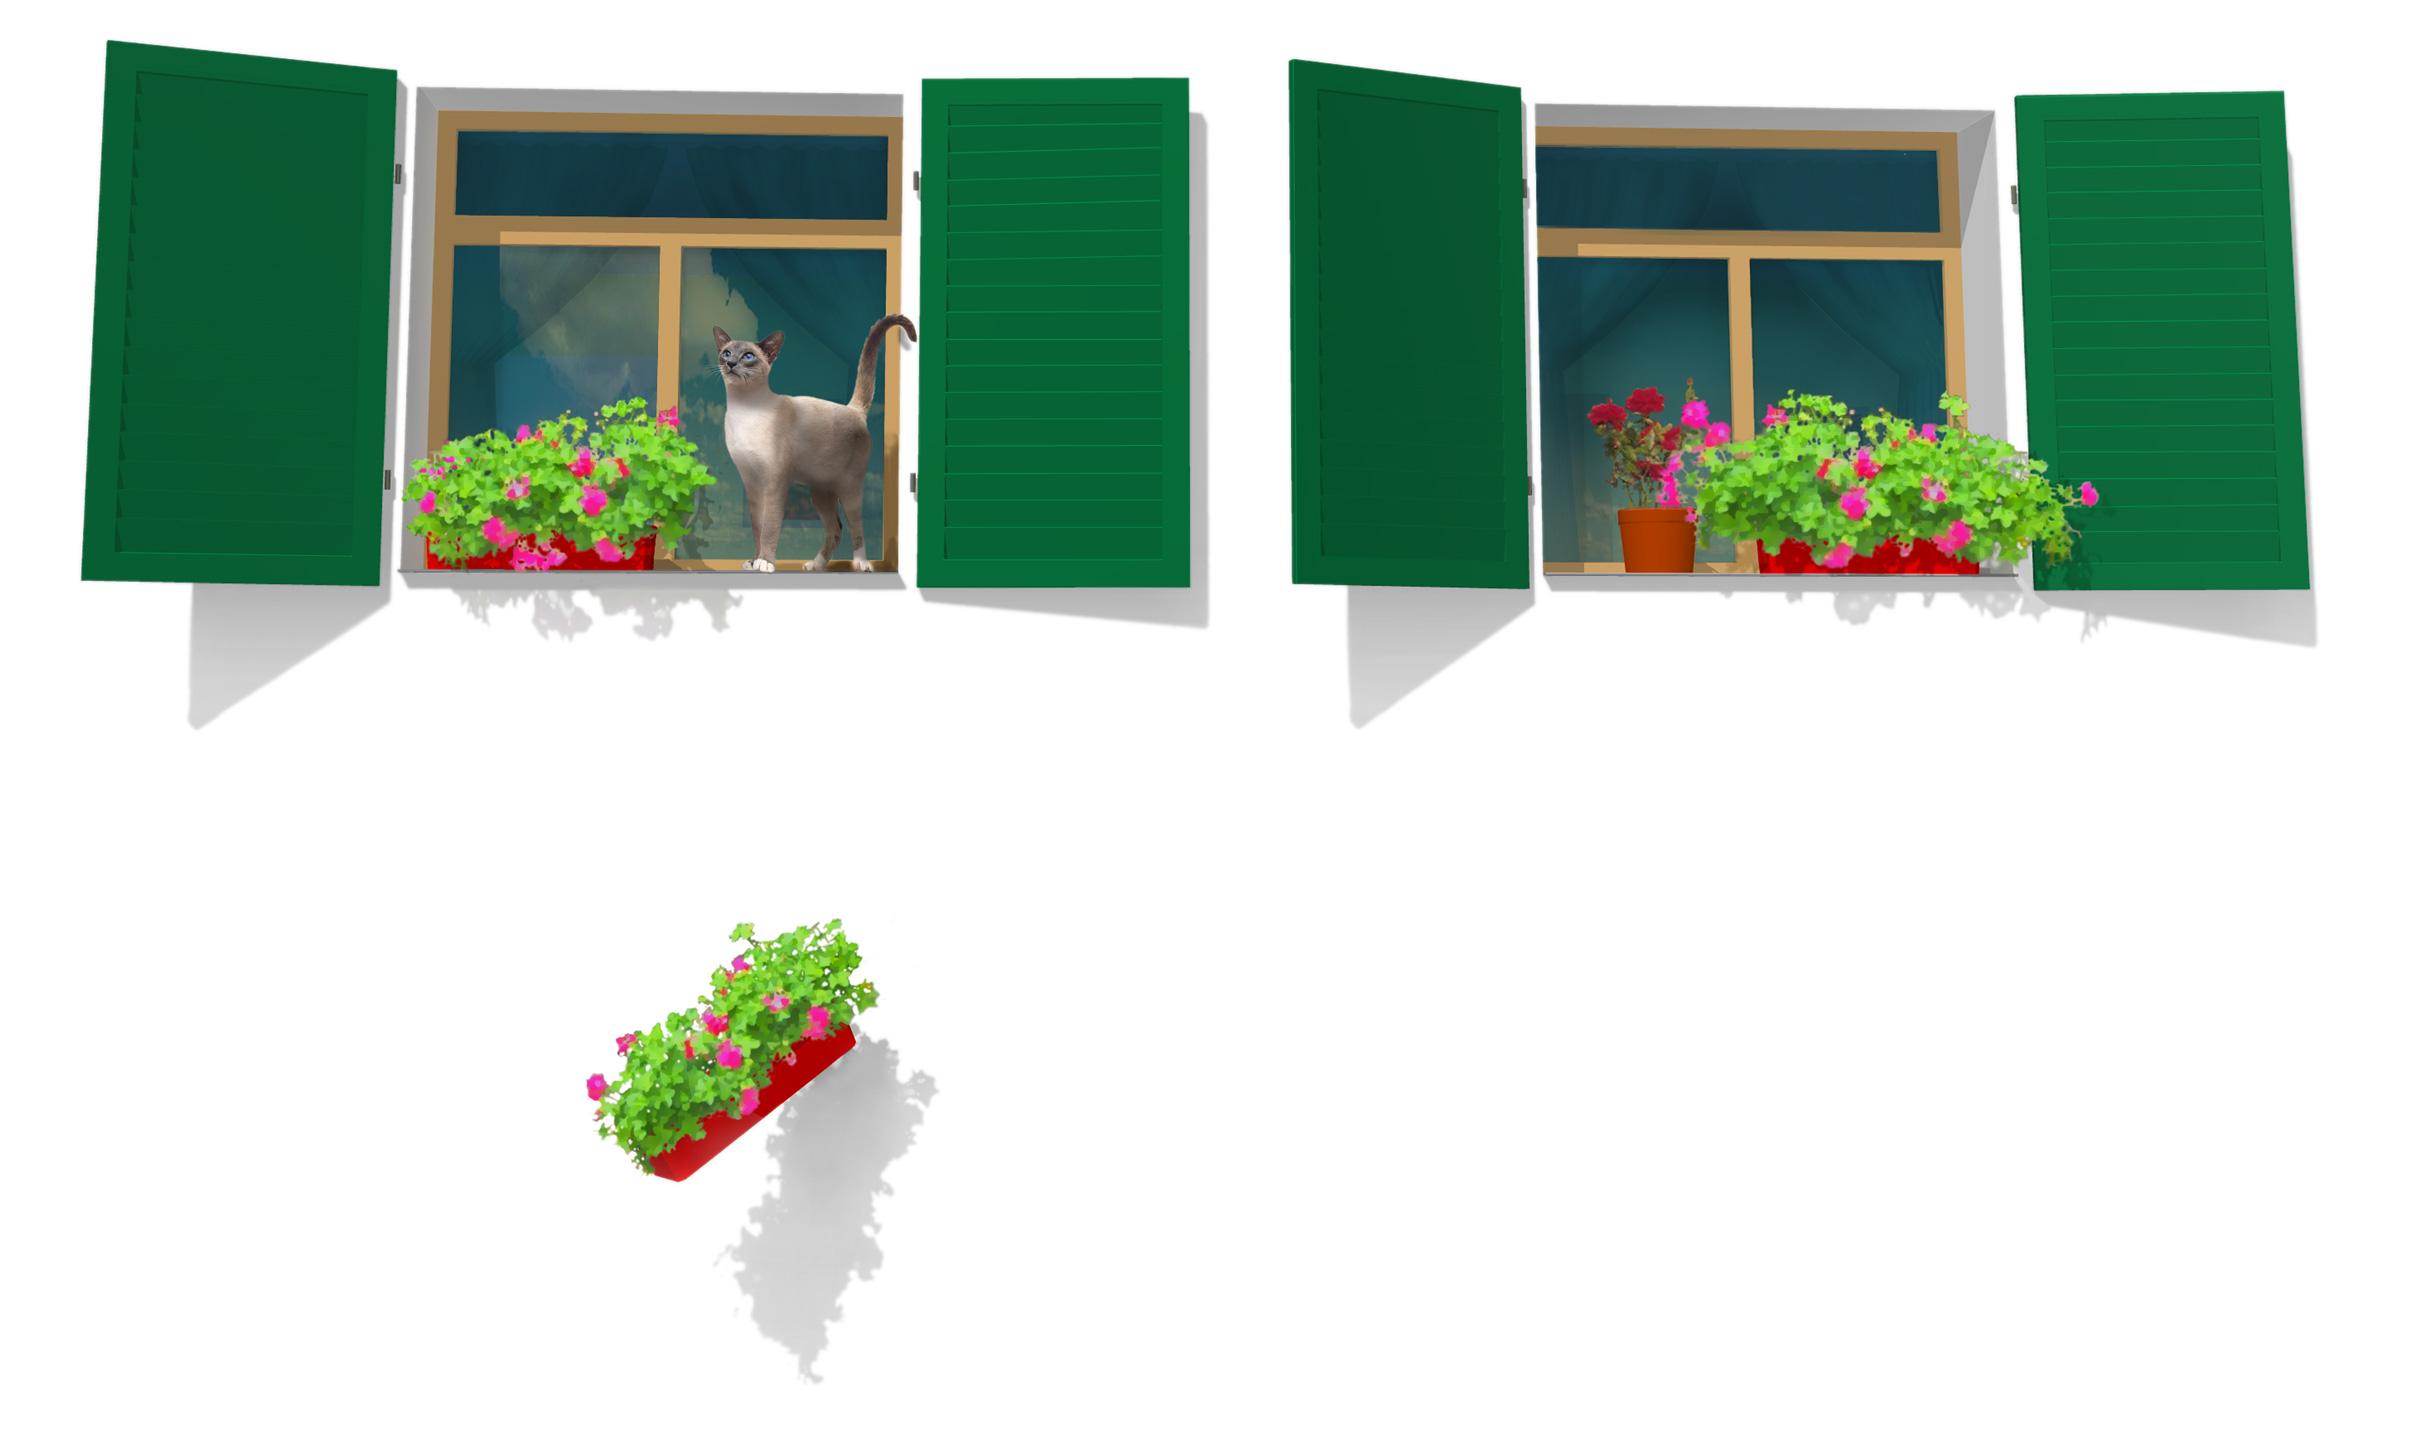 Idea - vizualizace